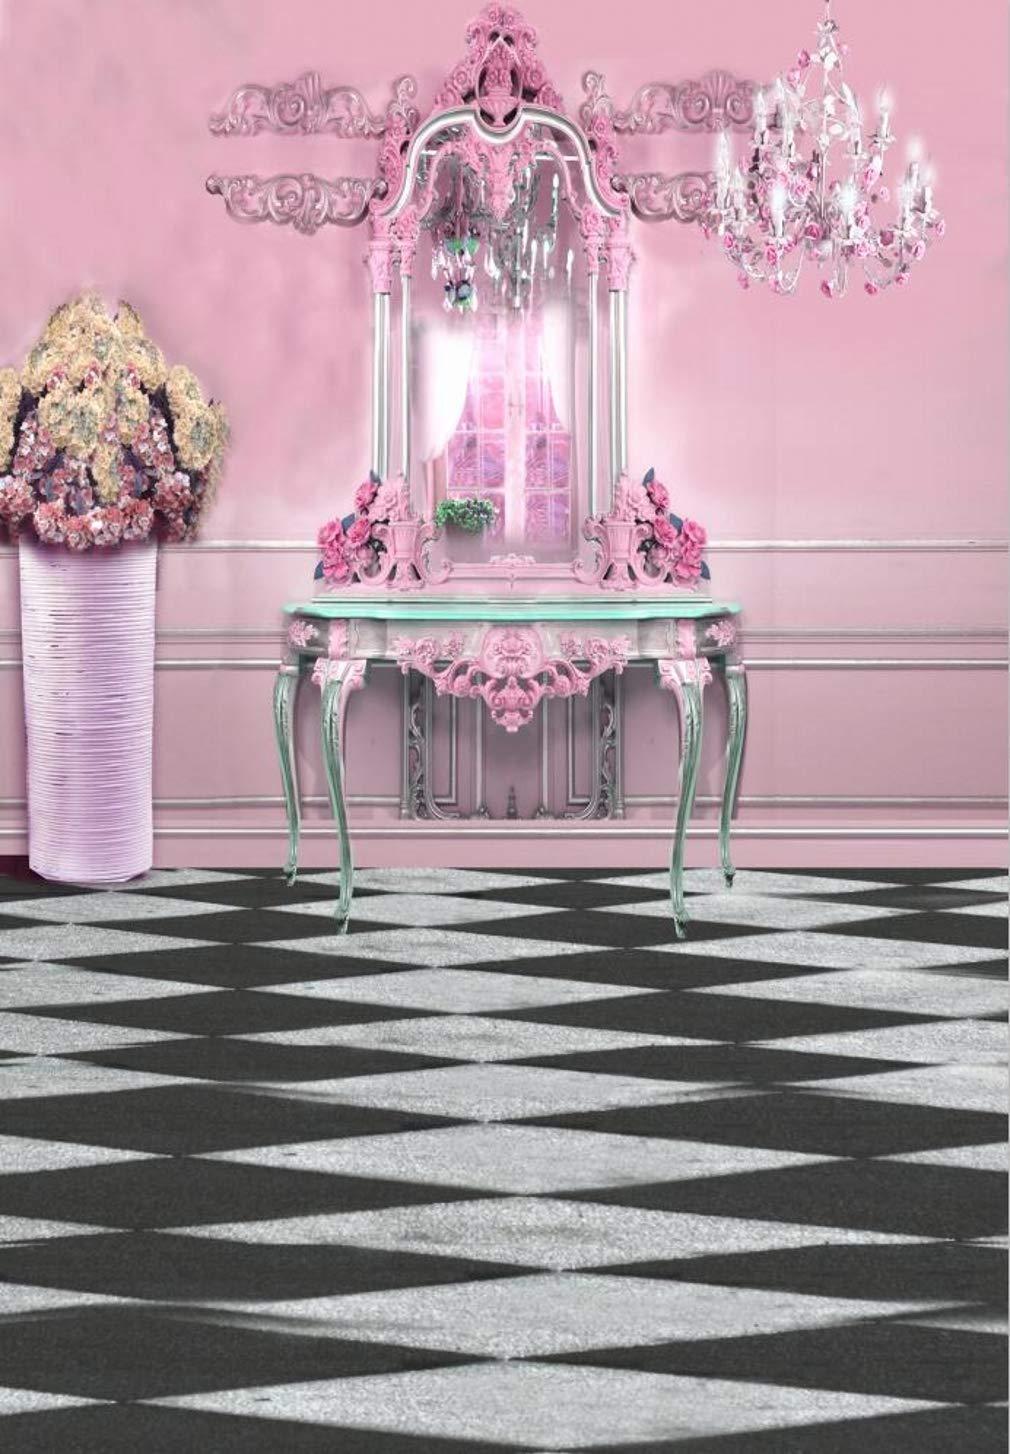 ピンク プリンセス 部屋 背景 写真撮影用 ロマンチック ドレッシングテーブル キャンドルシャンデリア ファンタジー インテリア 写真ブース 背景 5x7フィート   B07NZWLX1Z